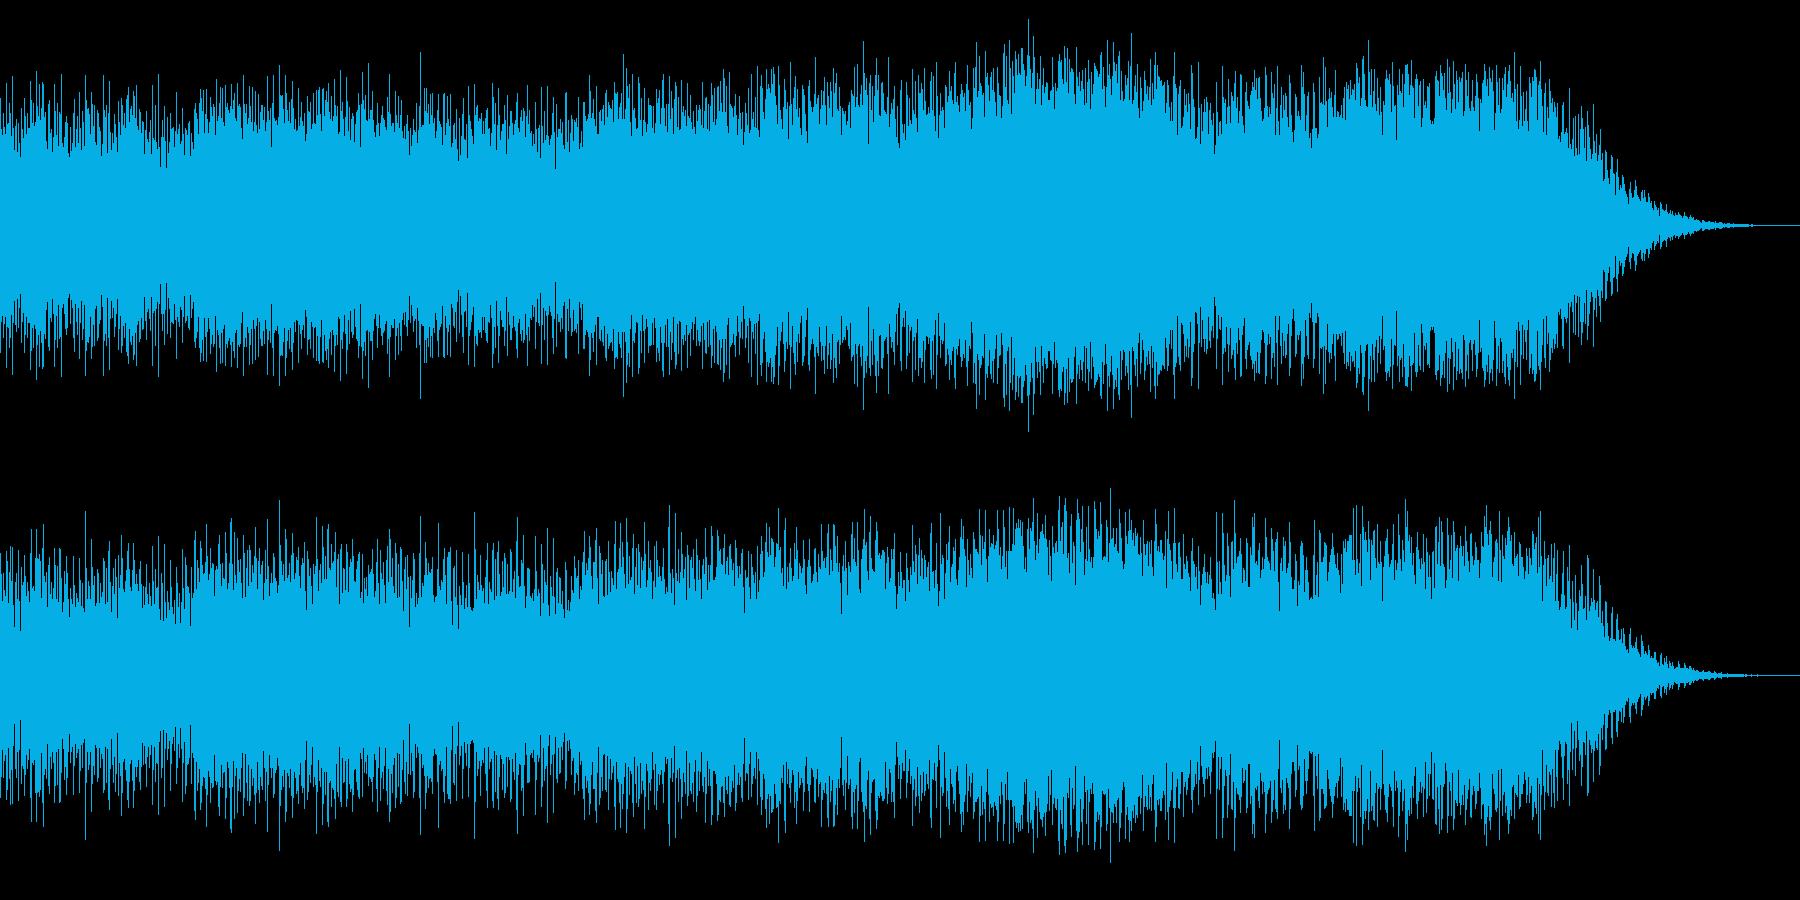 定番なハウス系EDMの再生済みの波形